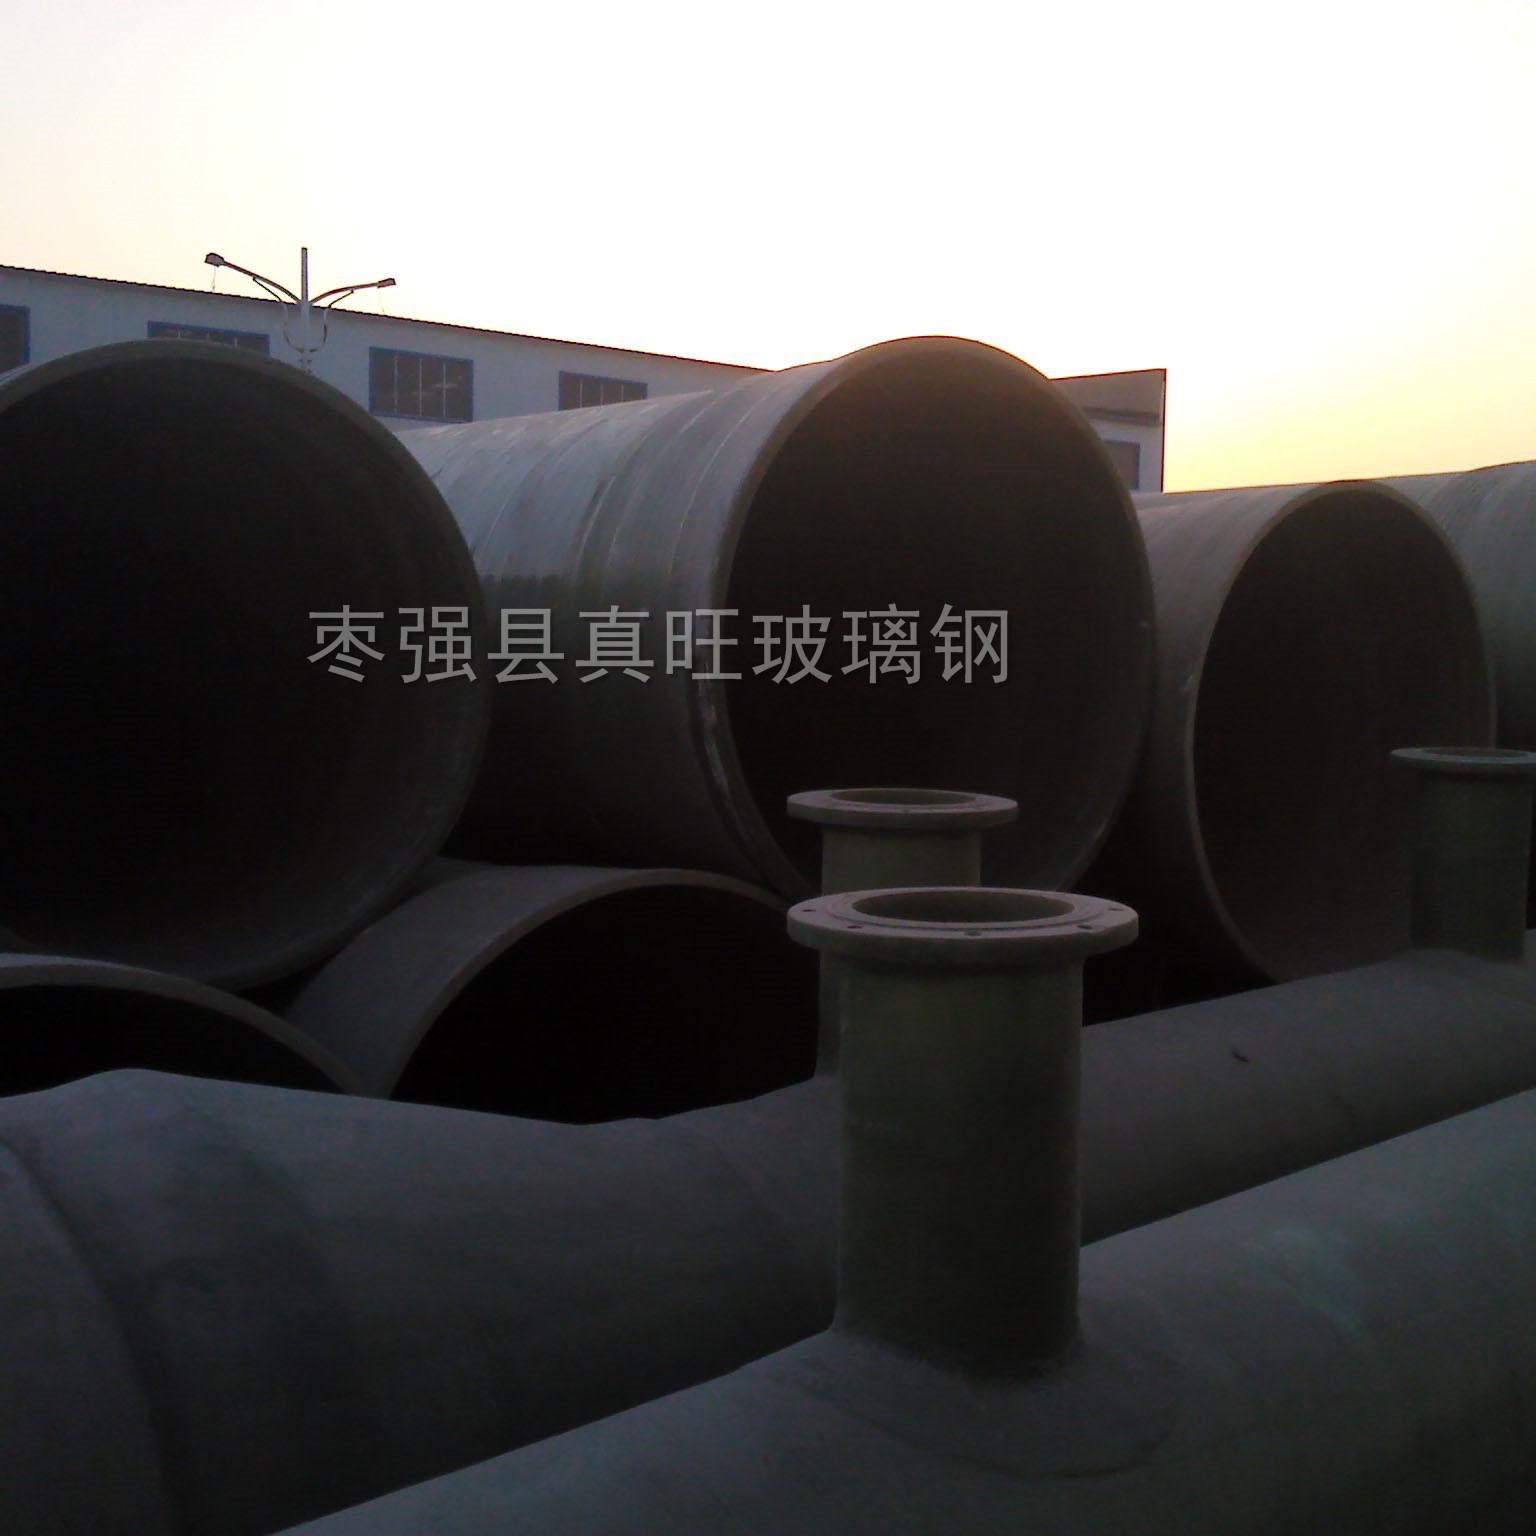 衡水玻璃钢喷淋管加工|玻璃钢管道批发|玻璃钢储罐生产